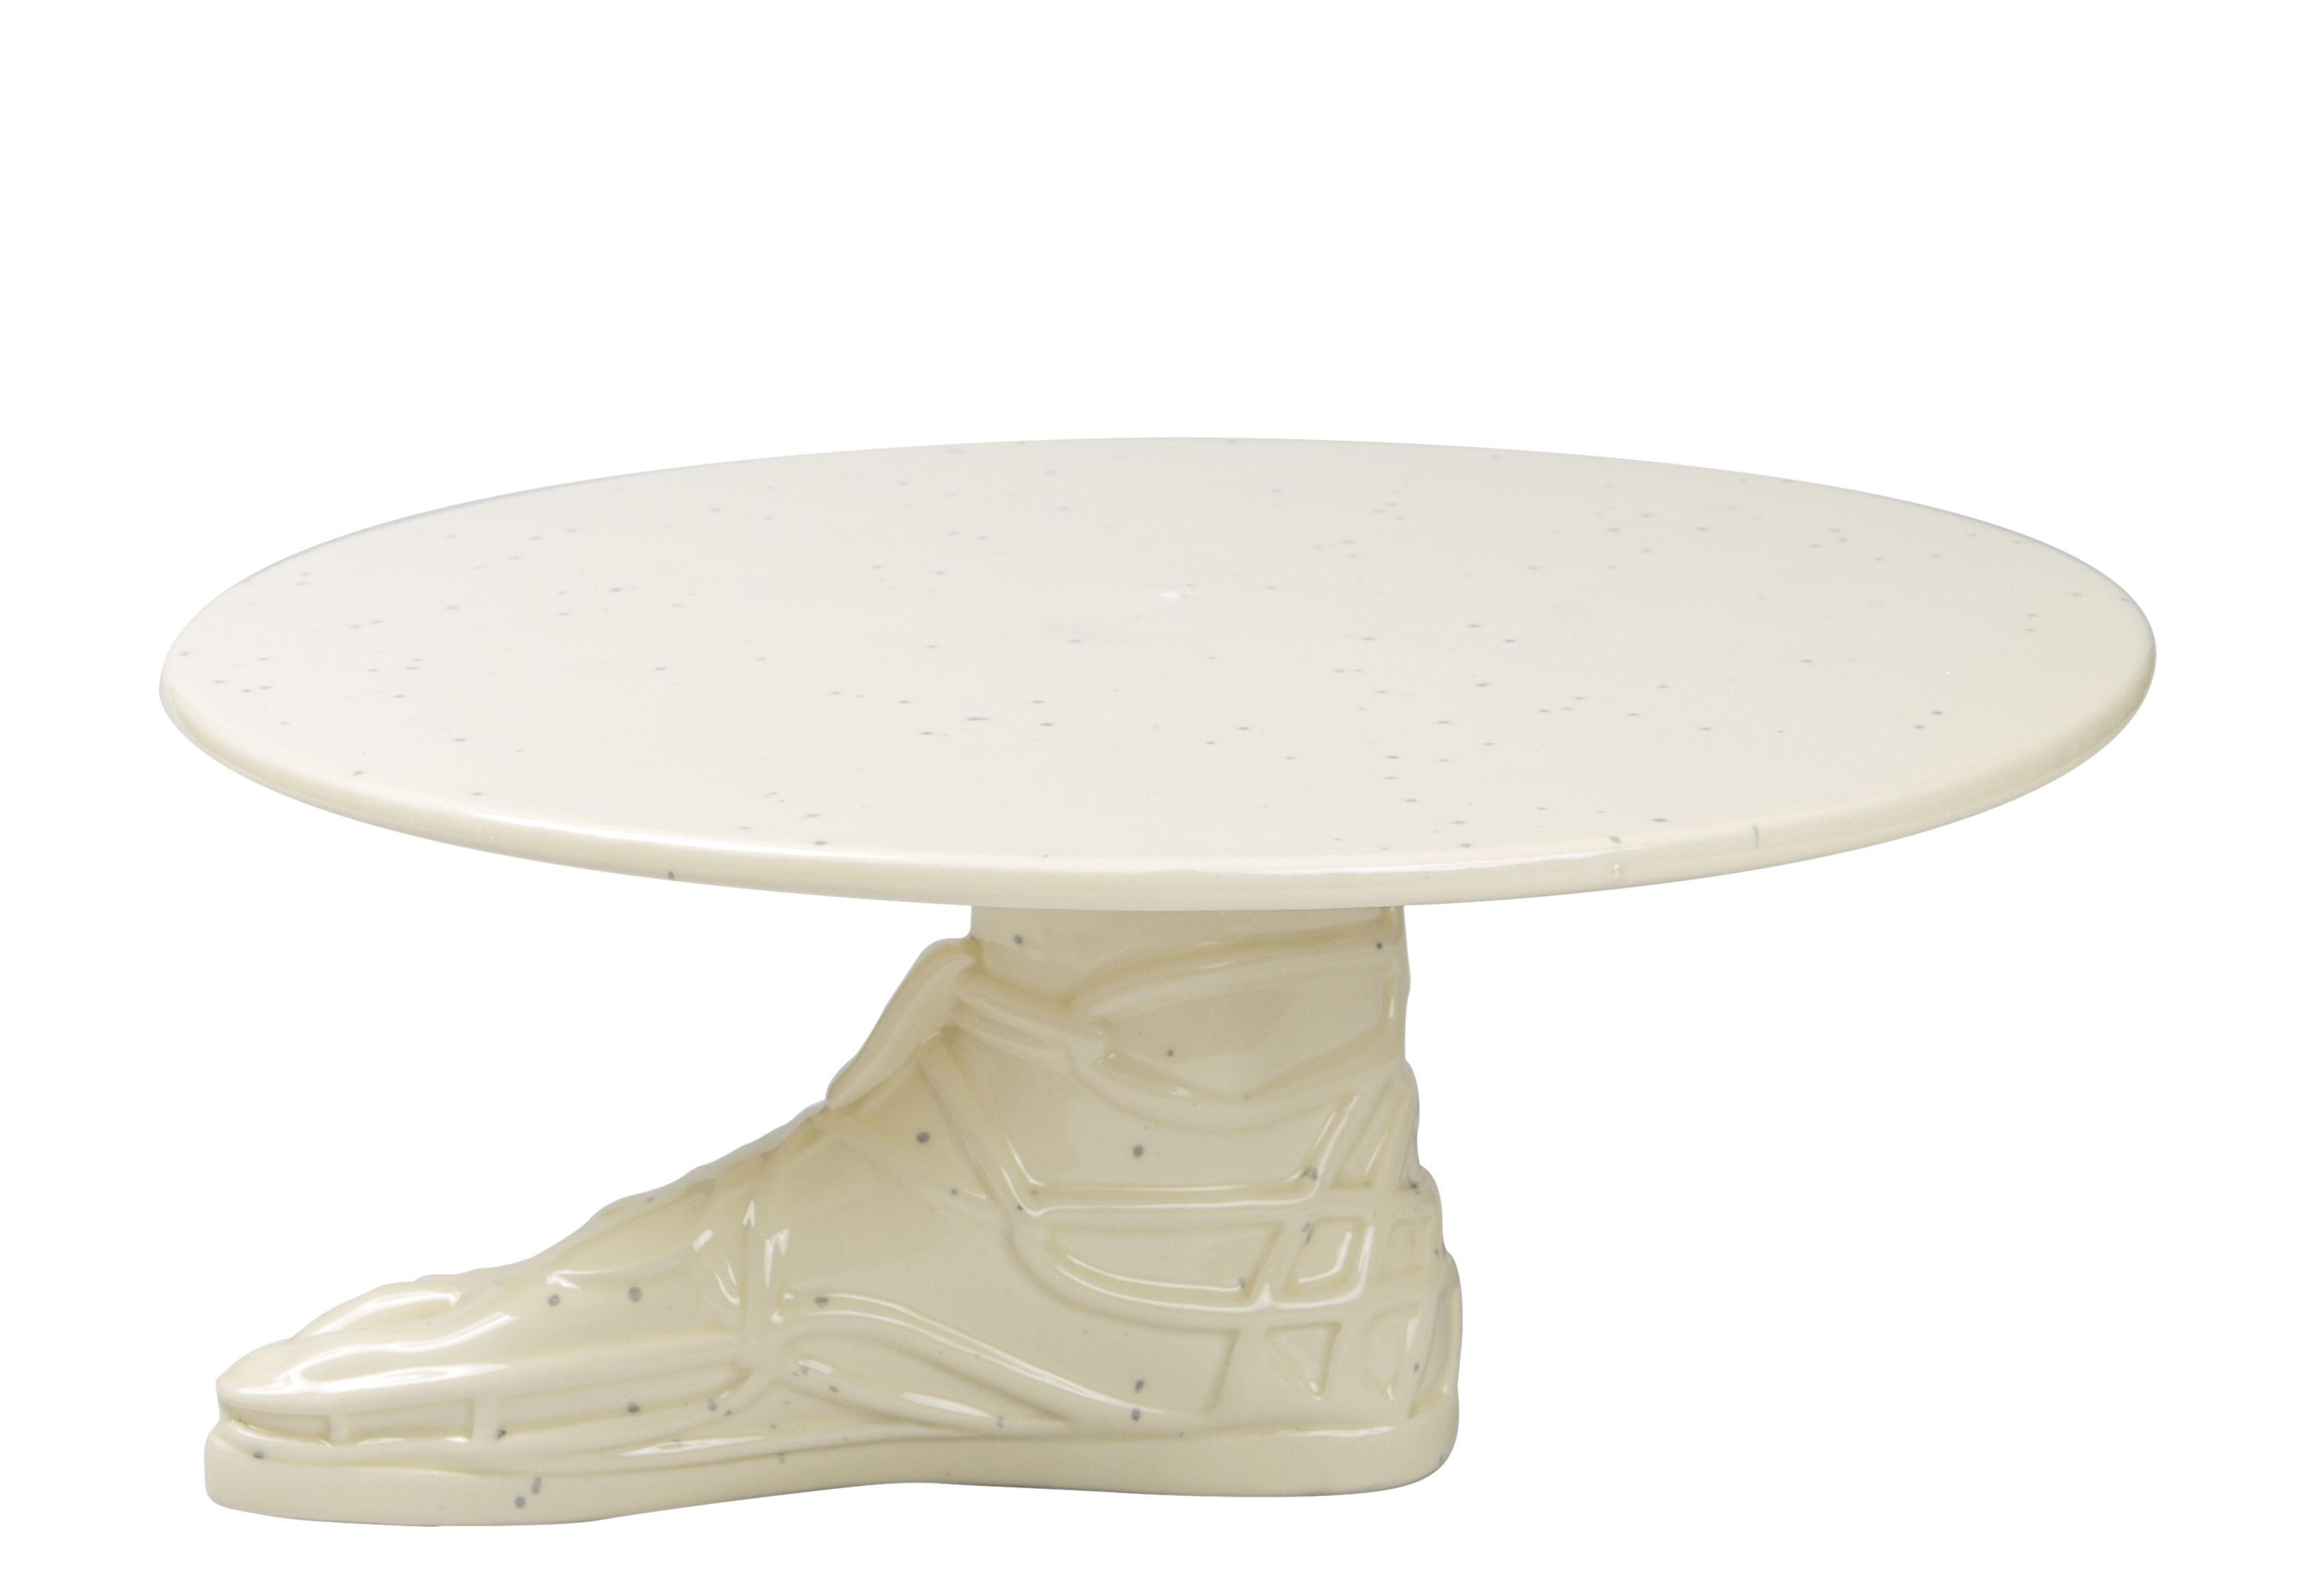 Arts de la table - Plats - Plateau à gâteau Hestia / Ø 32 cm - Doiy - Blanc - Céramique